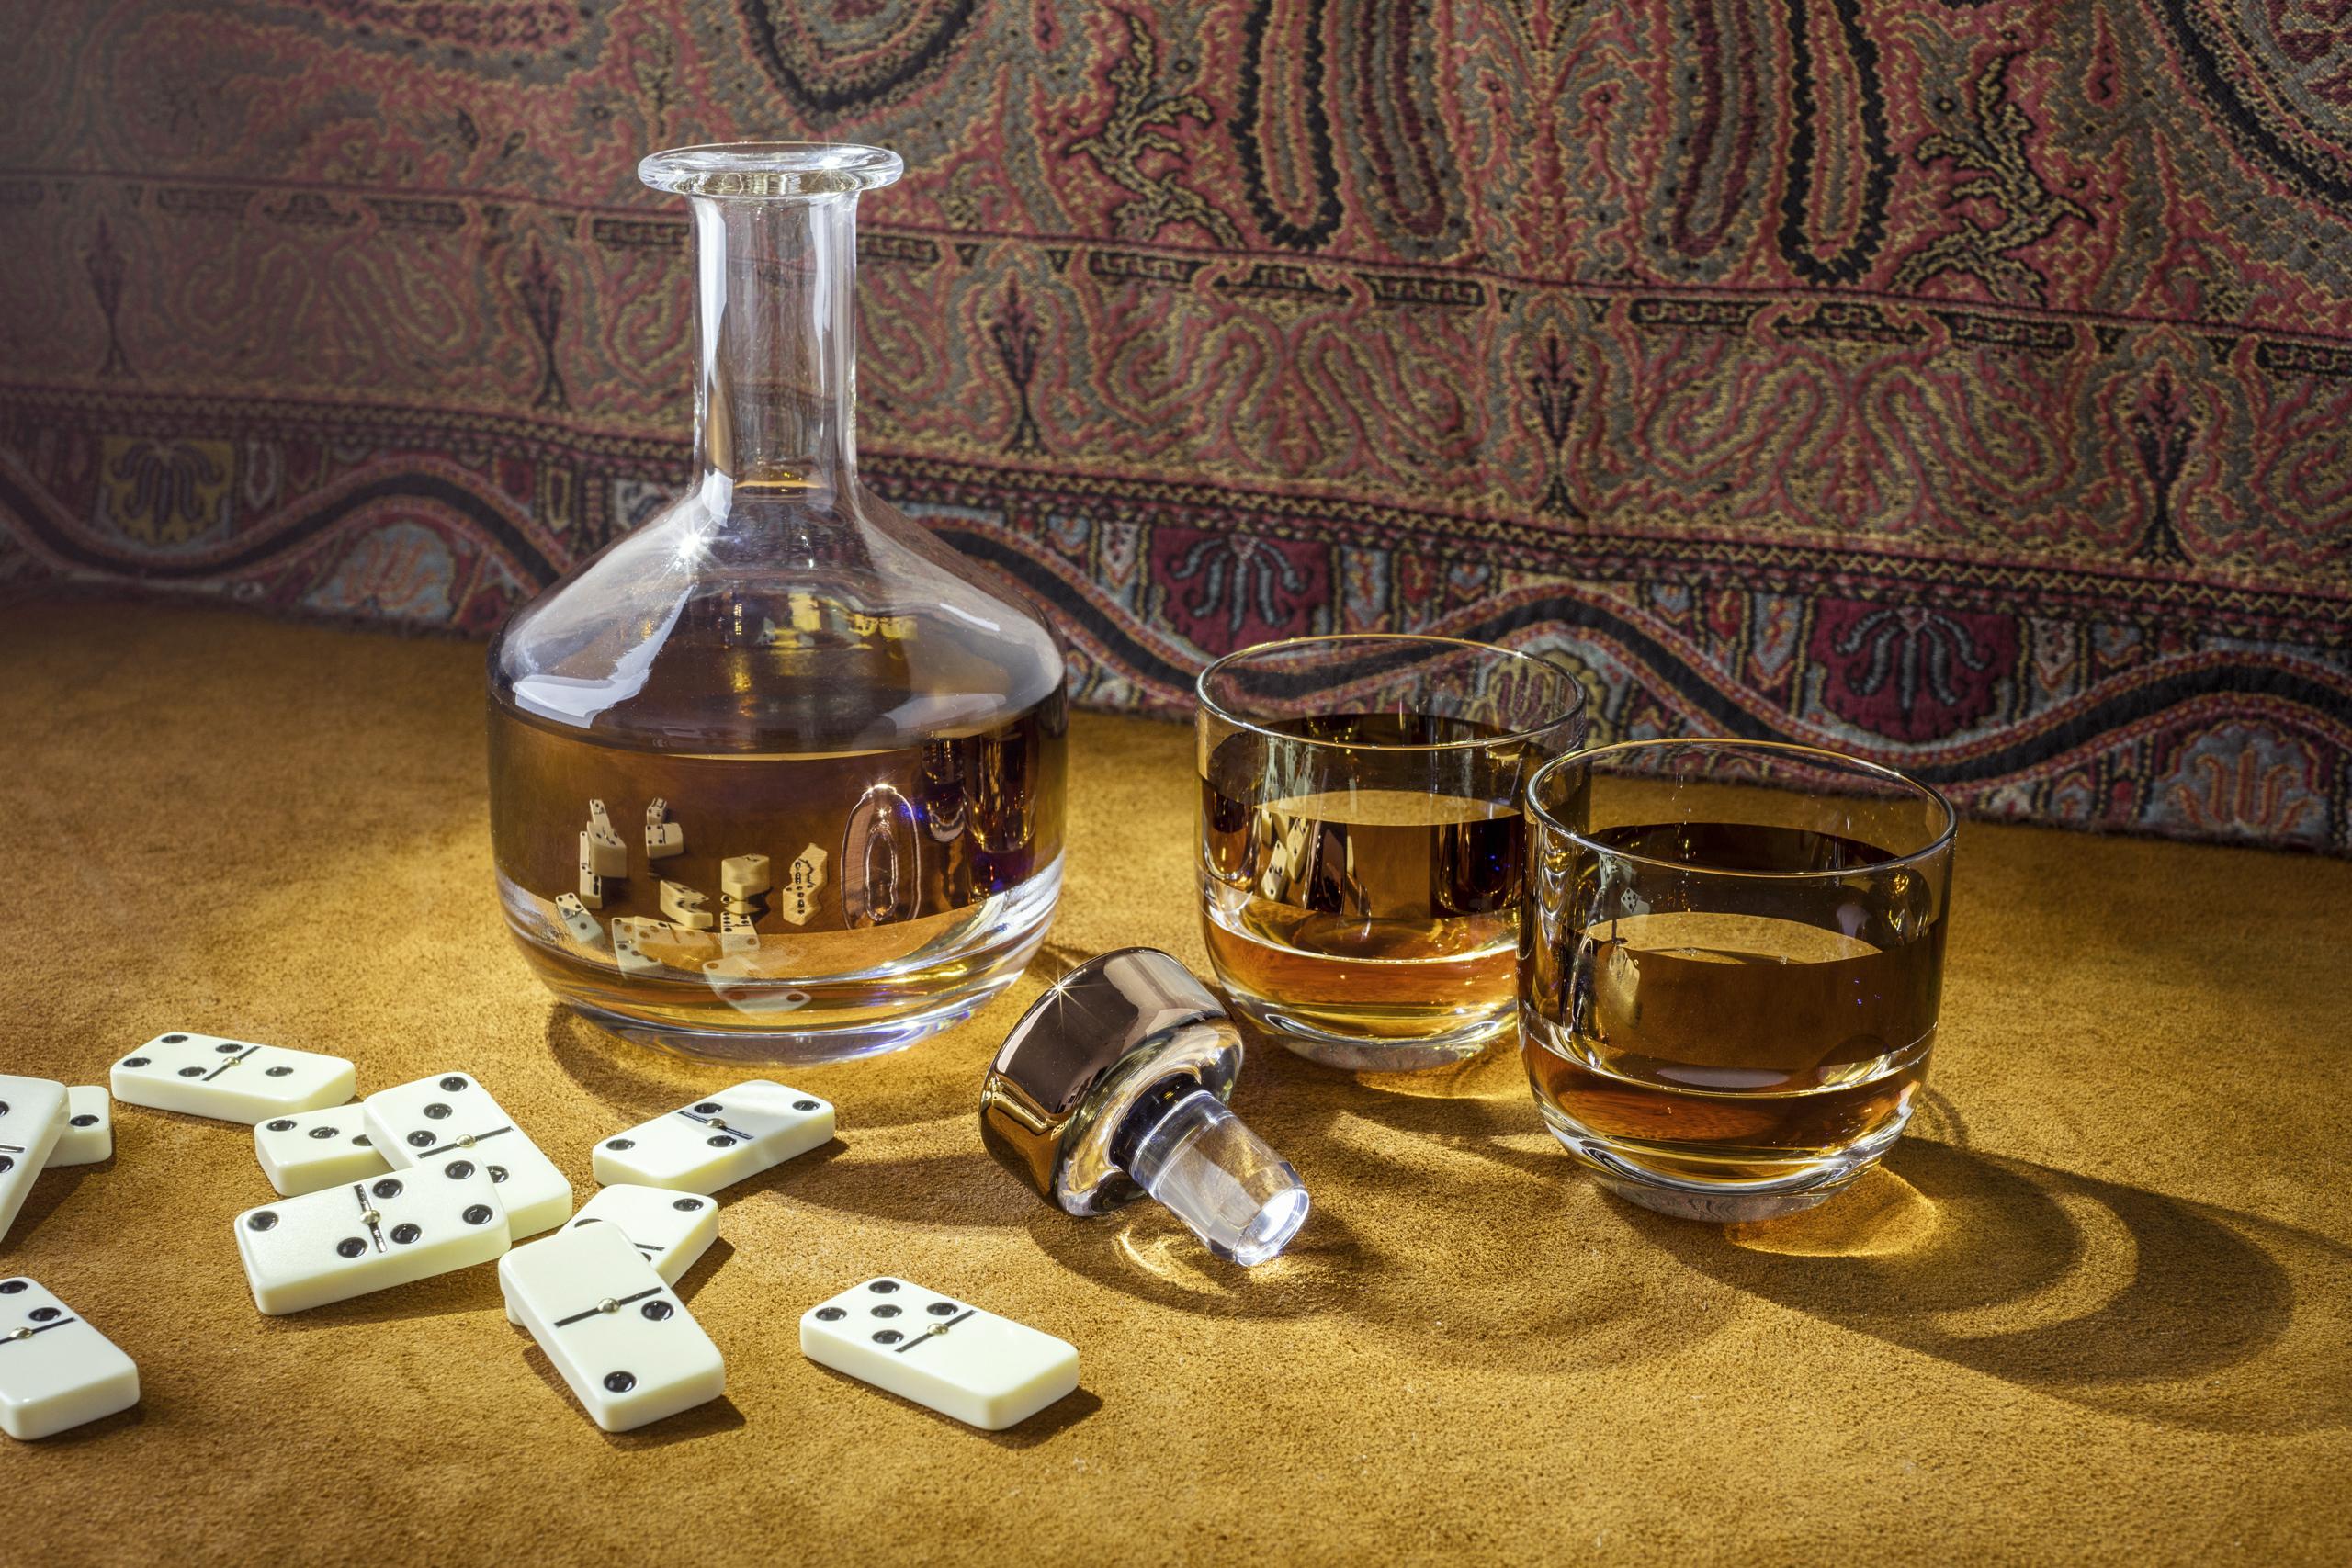 Tank de tom dixon incluye juego de whisky en su colecci n for Copas para whisky